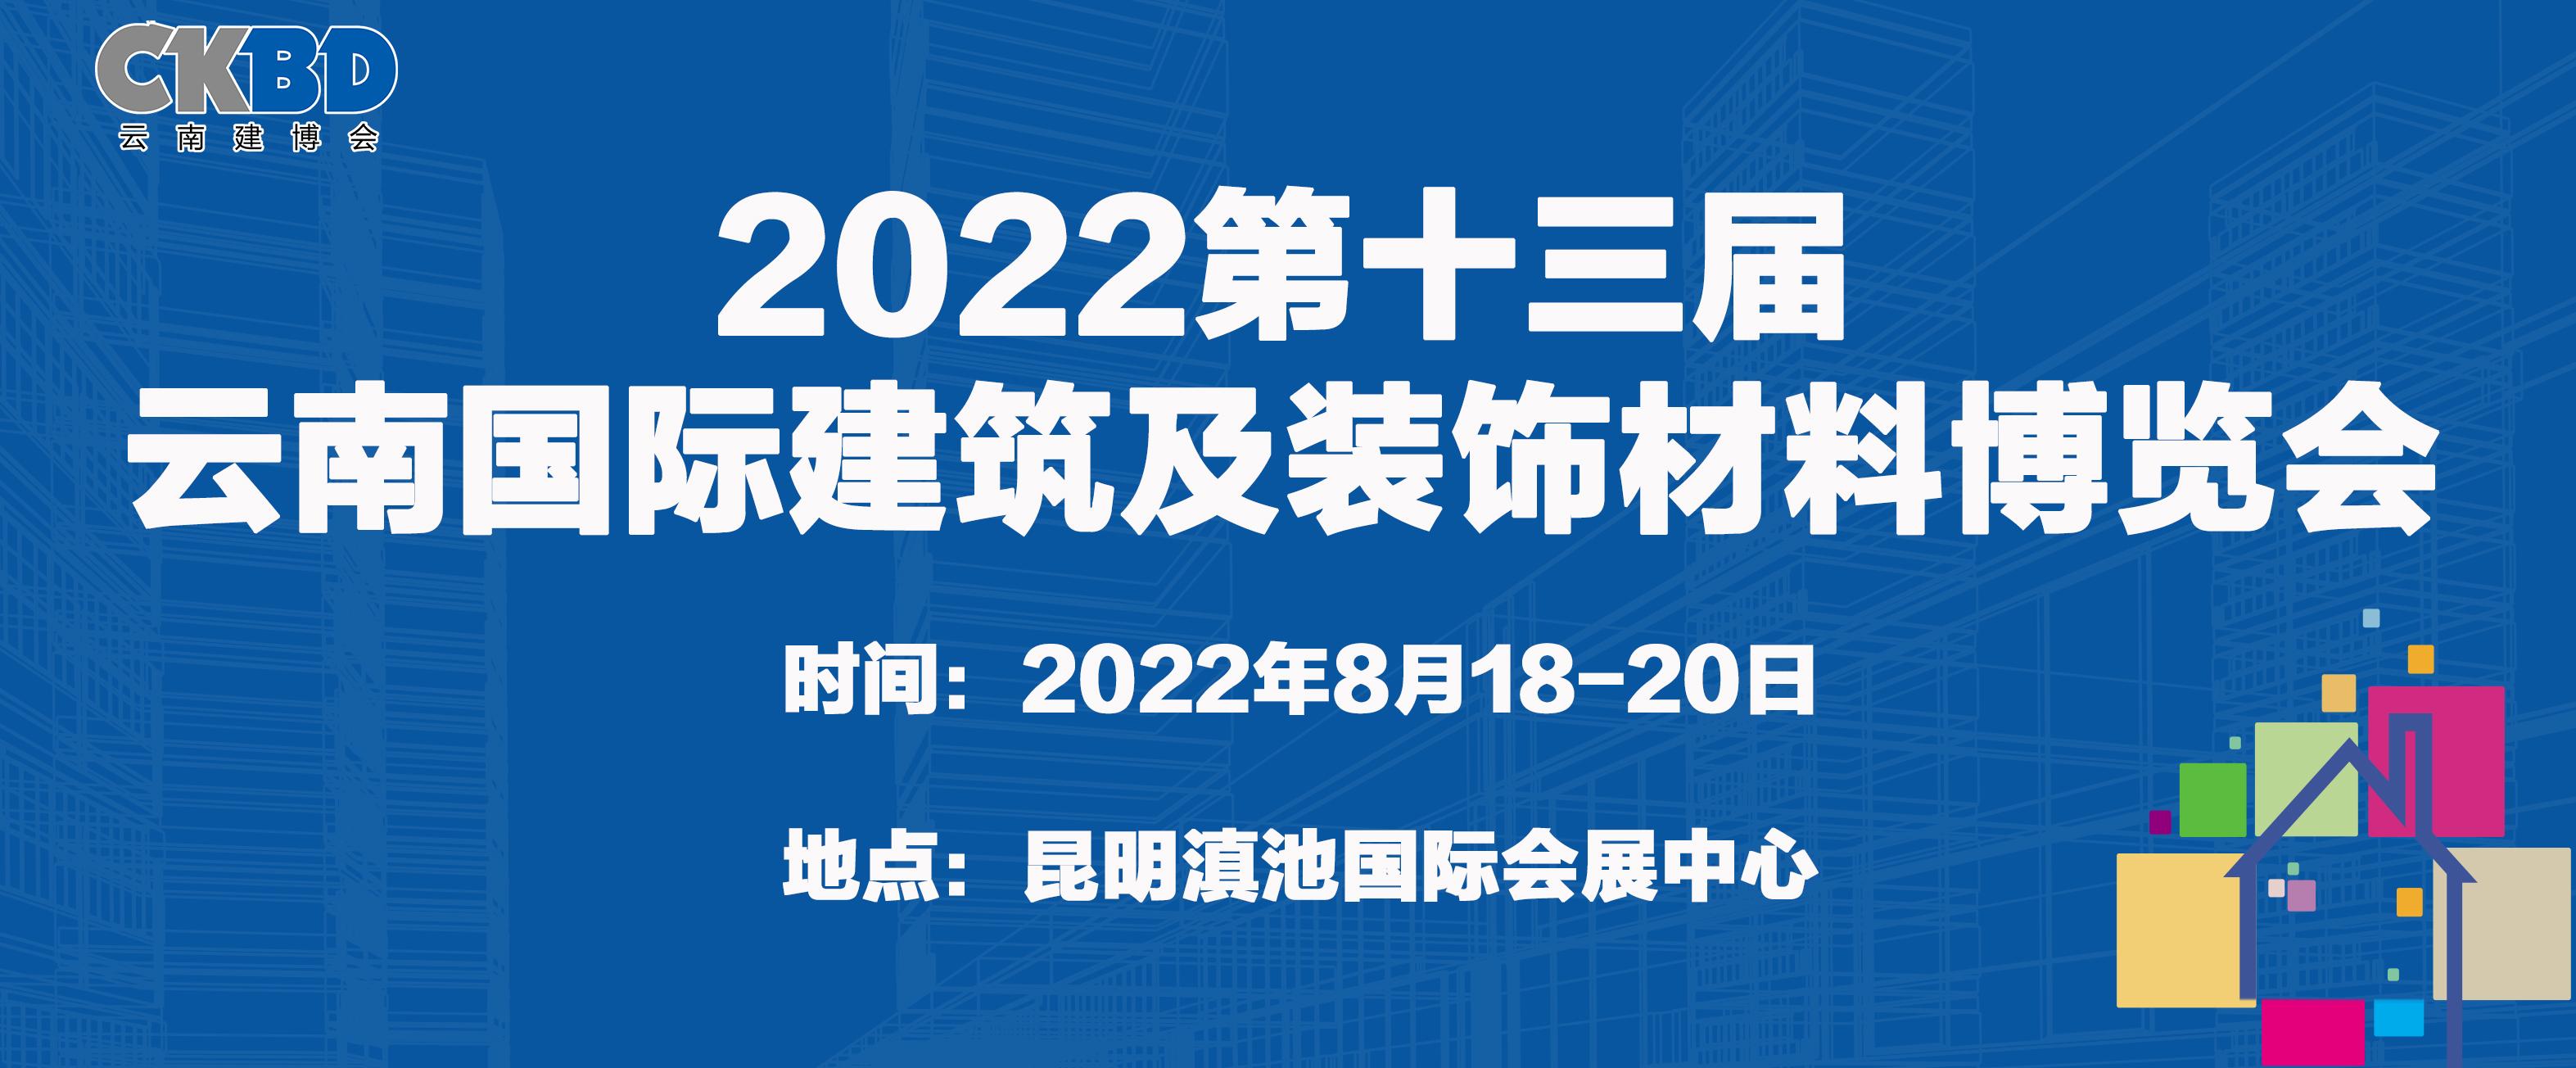 2022.8.18云南建博会